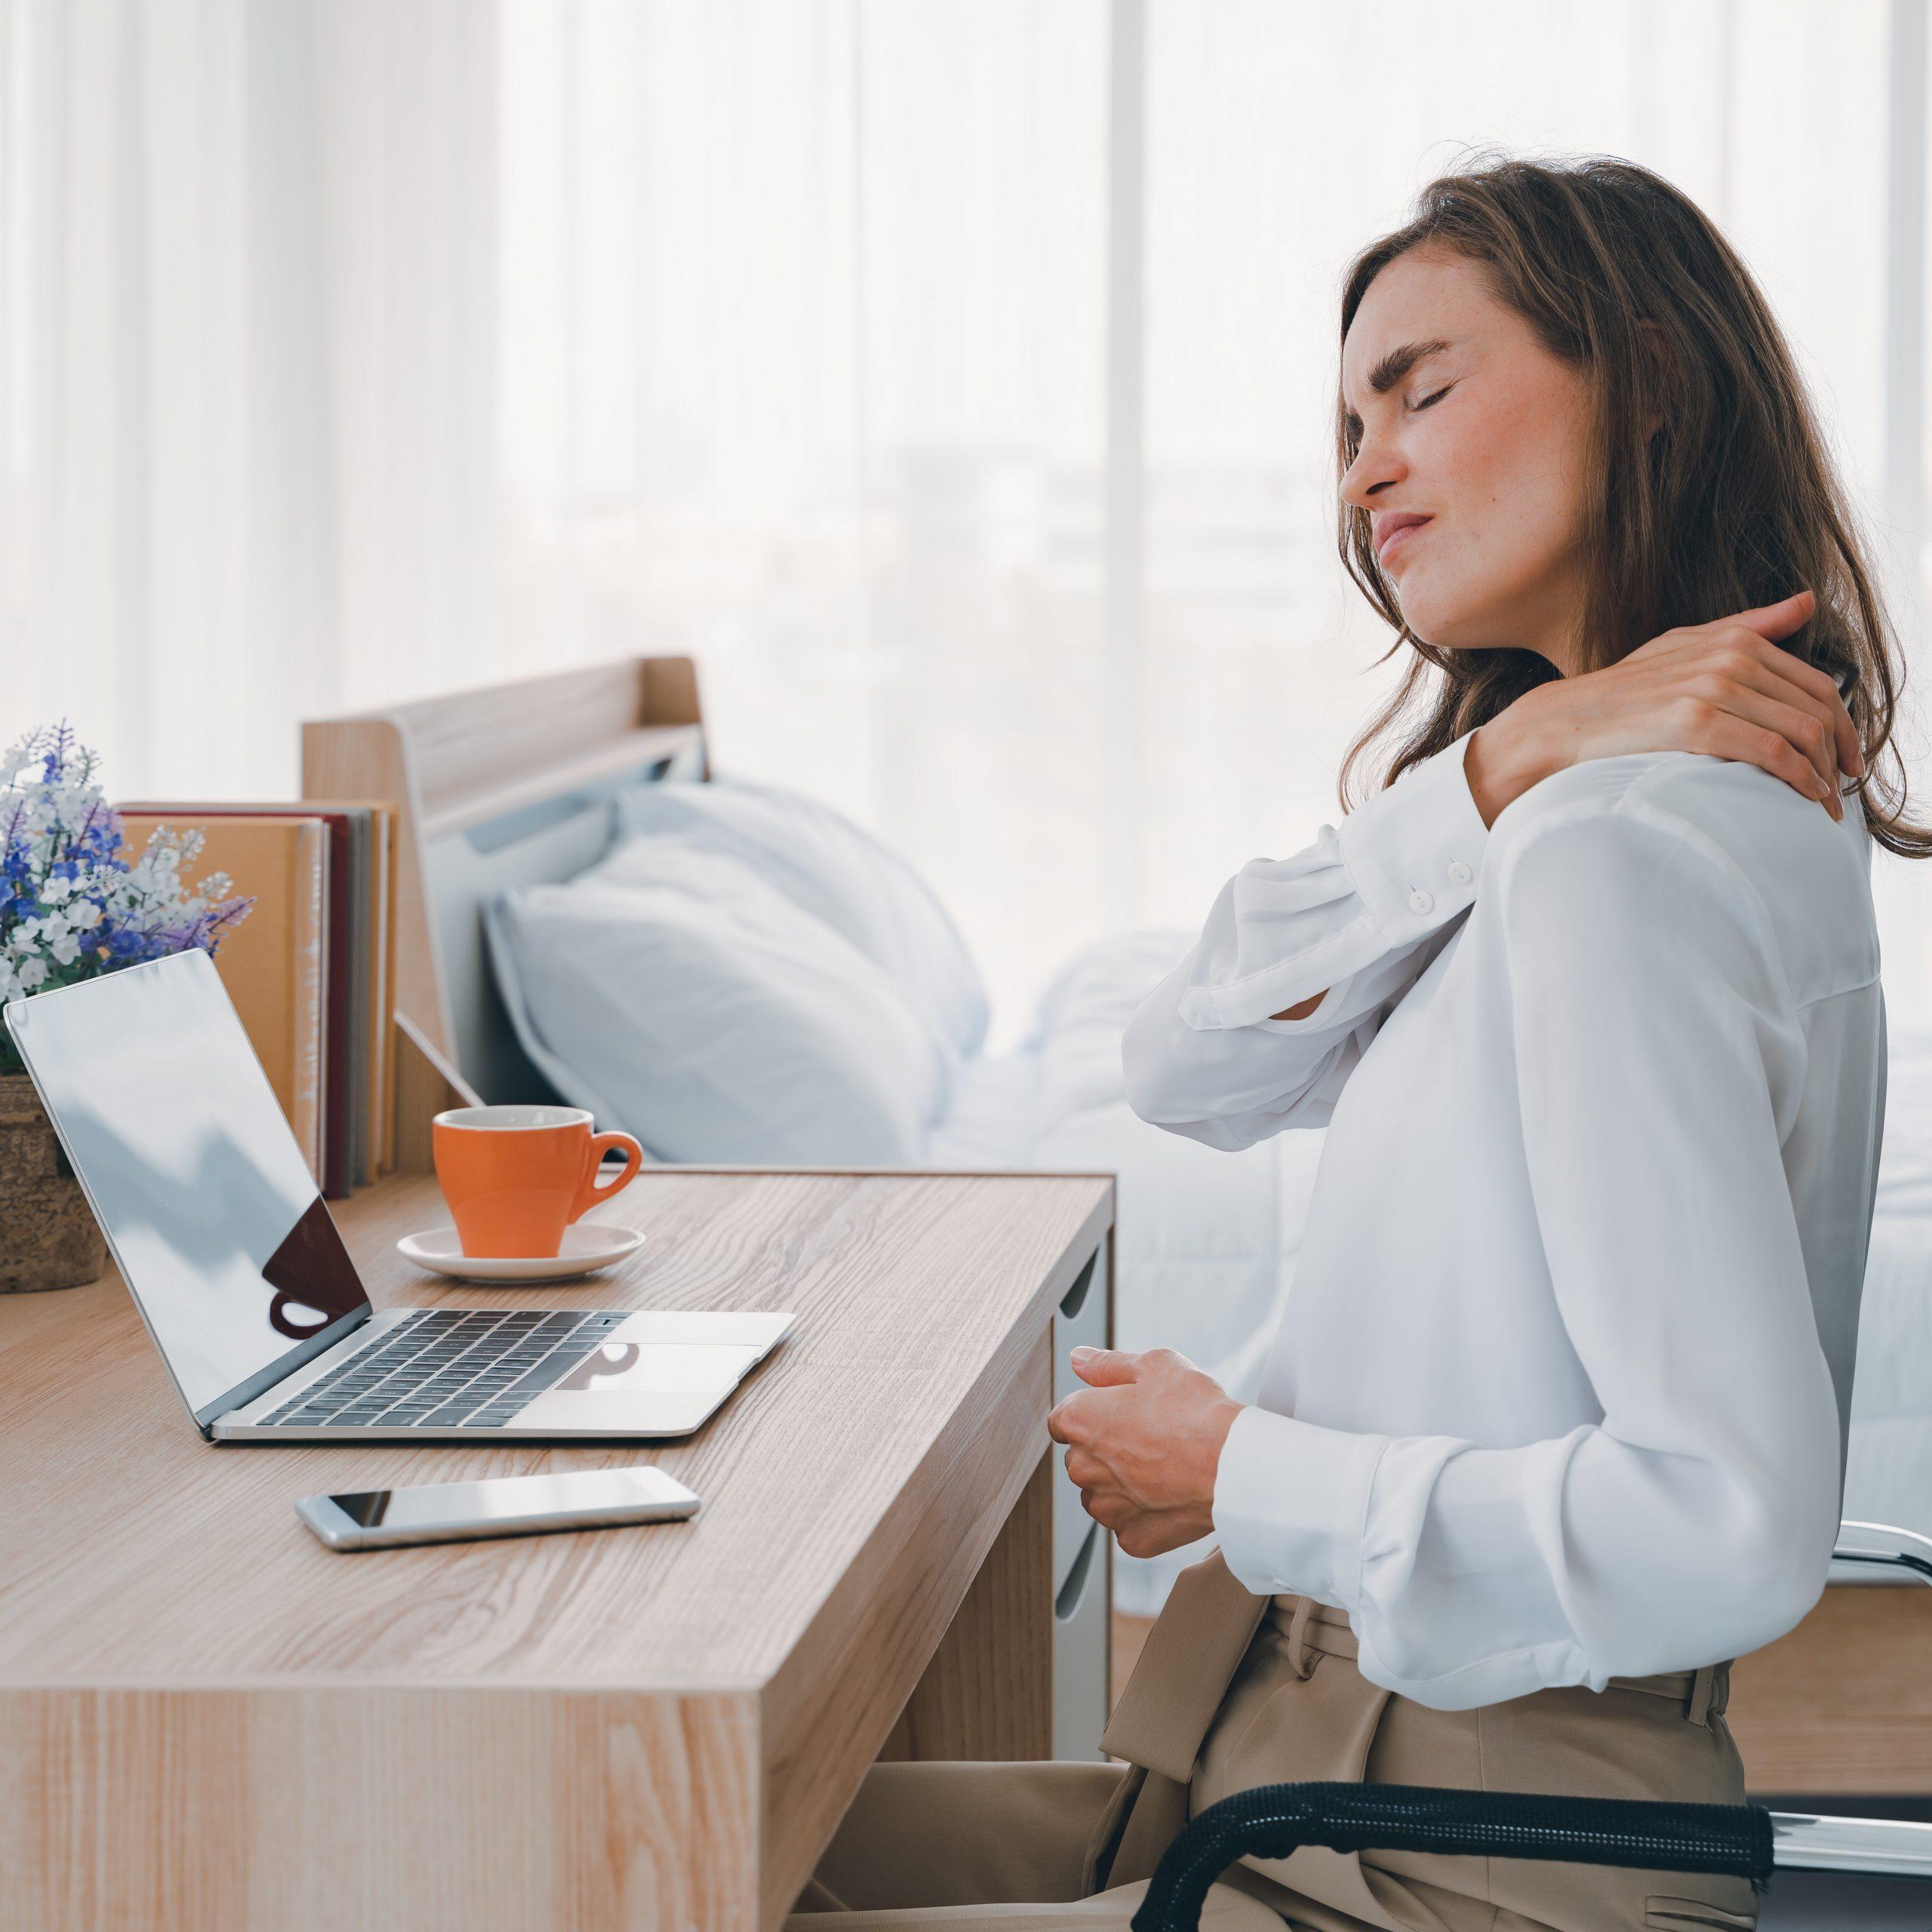 Zu langes Sitzen kann Schmerzen im Rücken verursachen und Muskeln verspannen